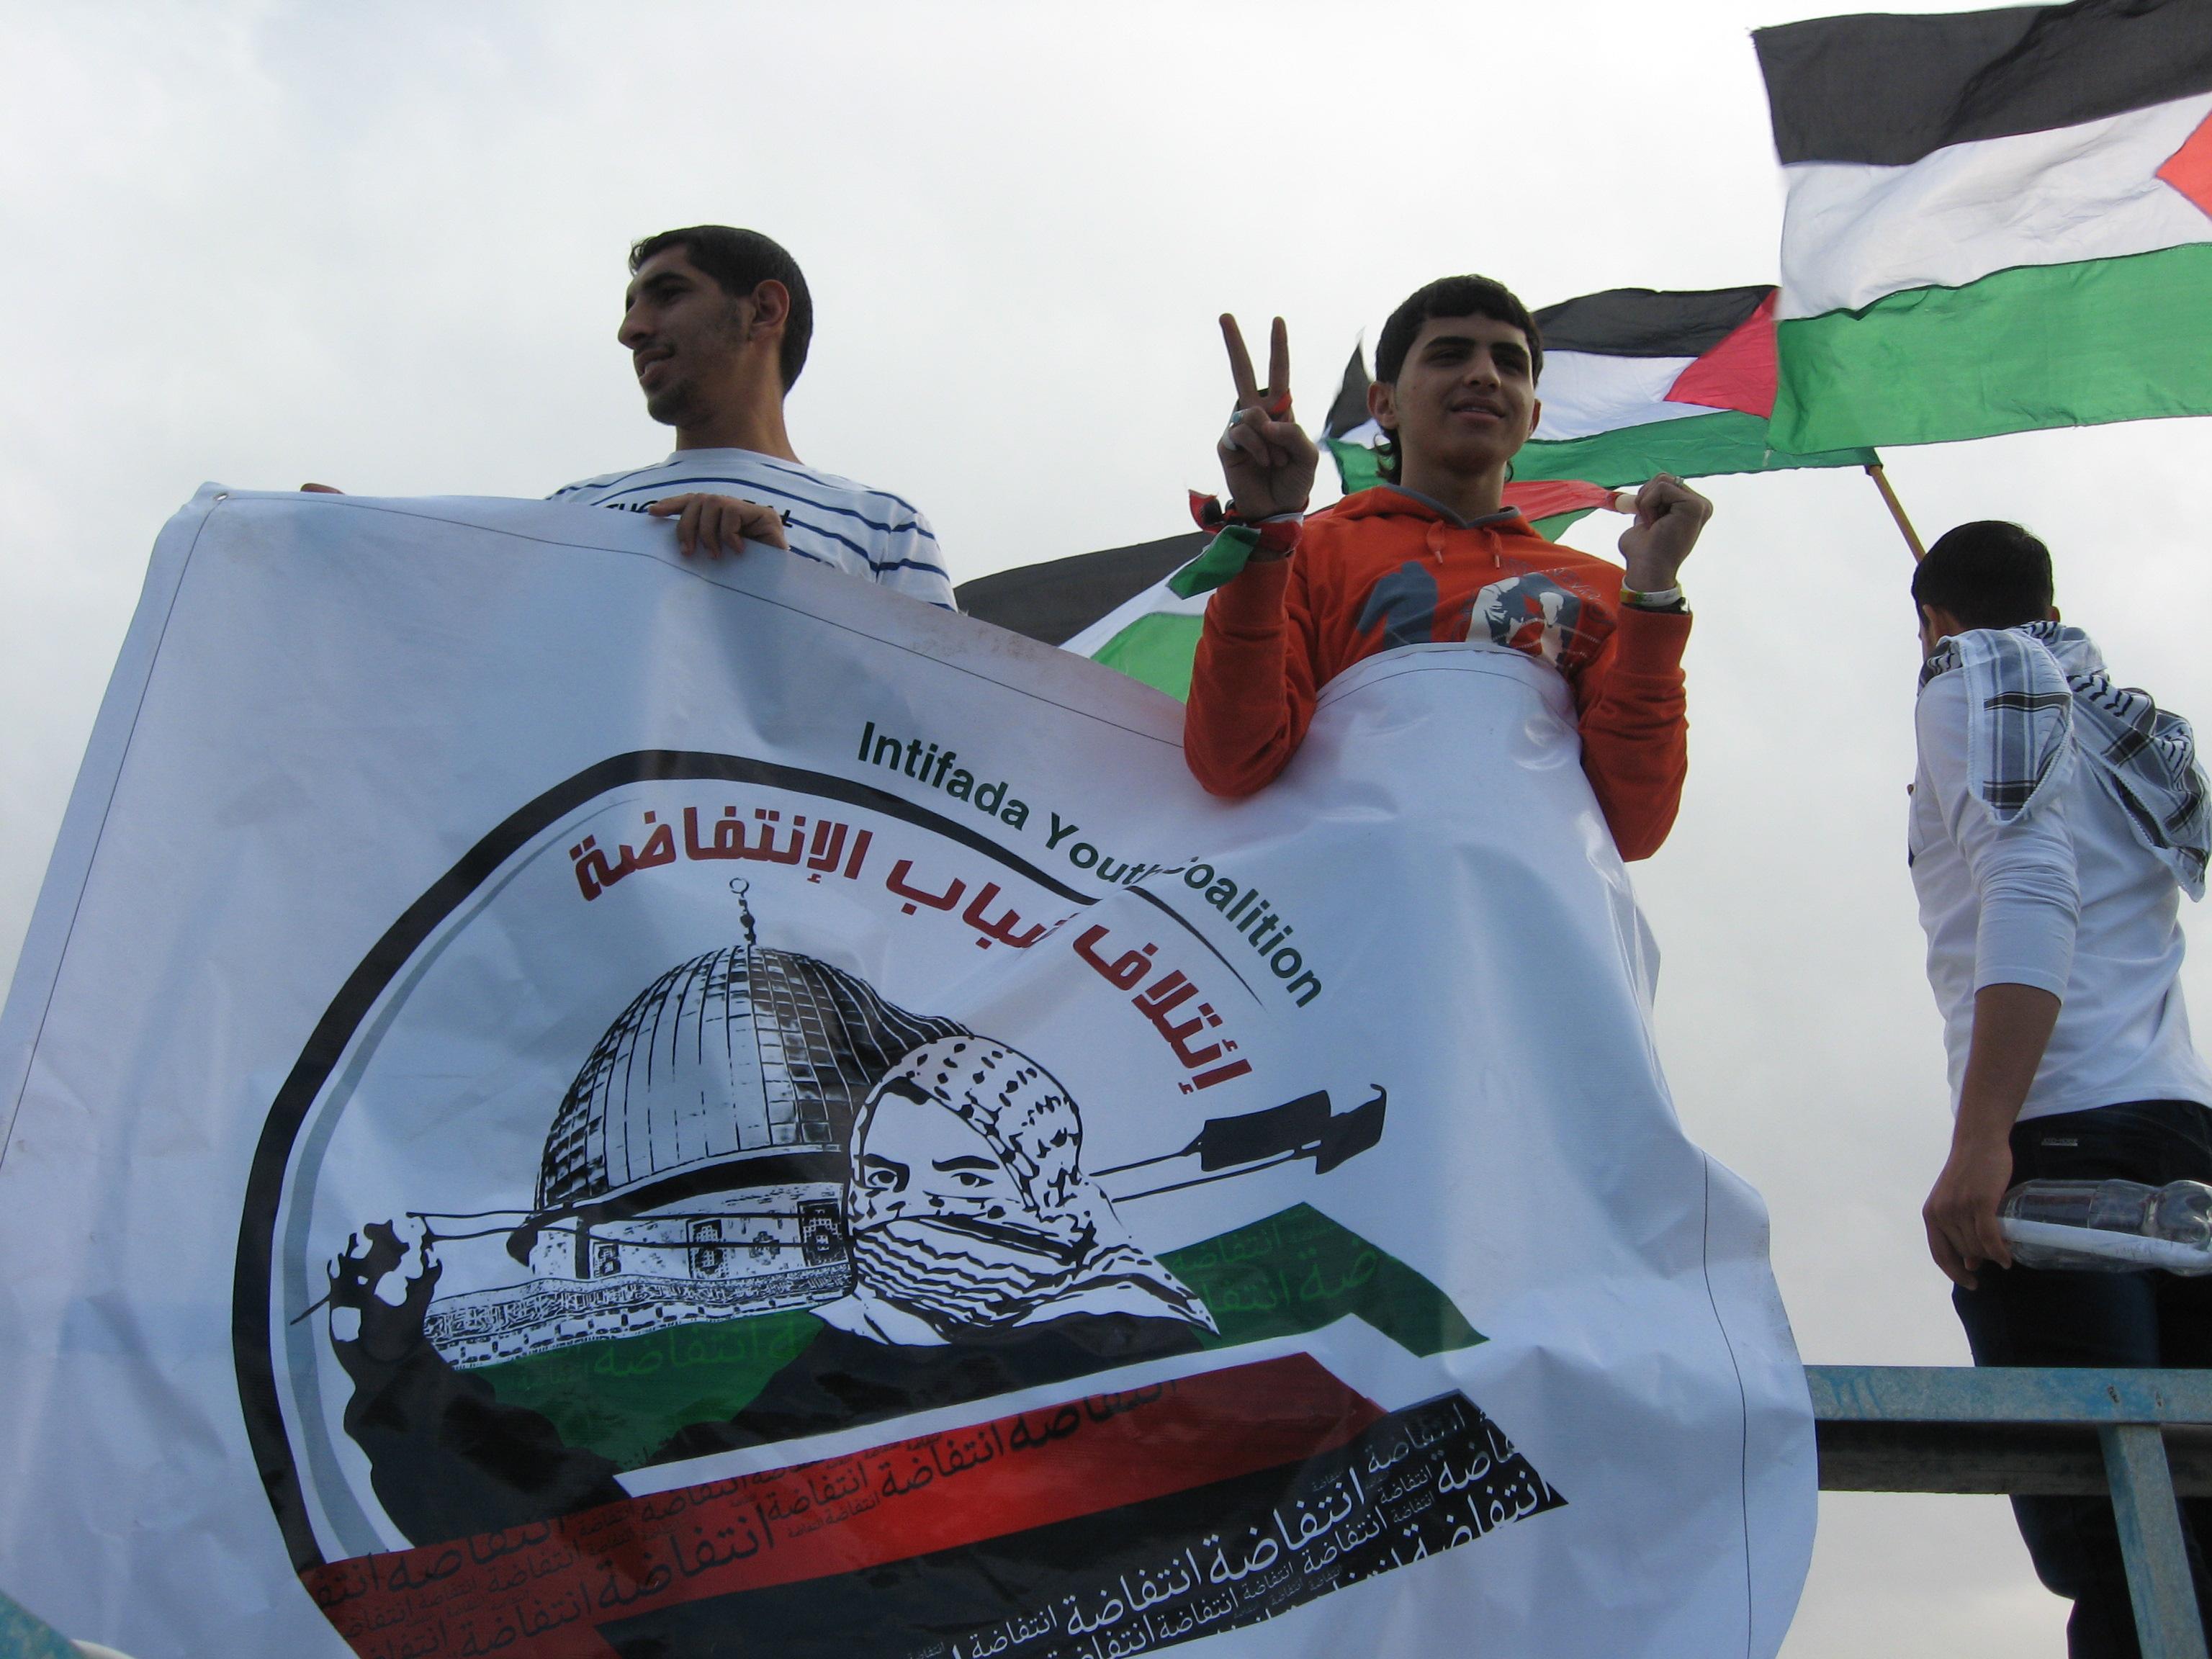 Intifada Youth Coalition - Sumud Flotilla - 2/12/13